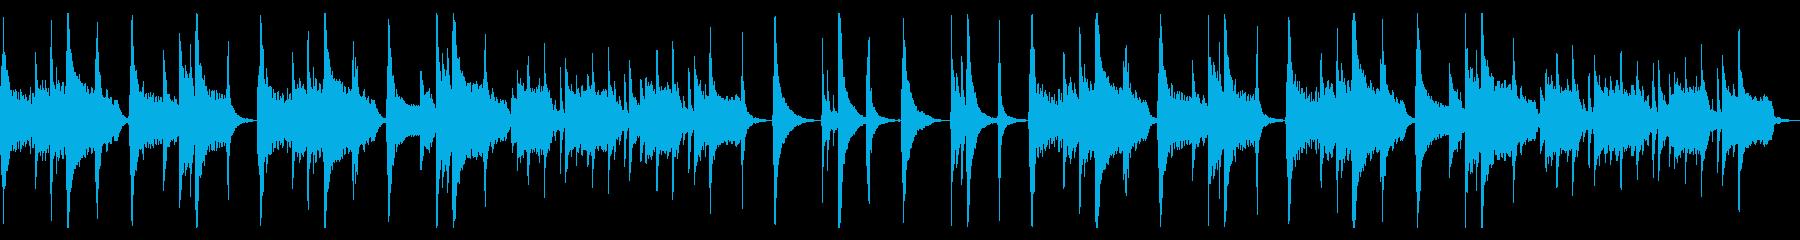 【ループ版】和風 バラード・尺八の再生済みの波形